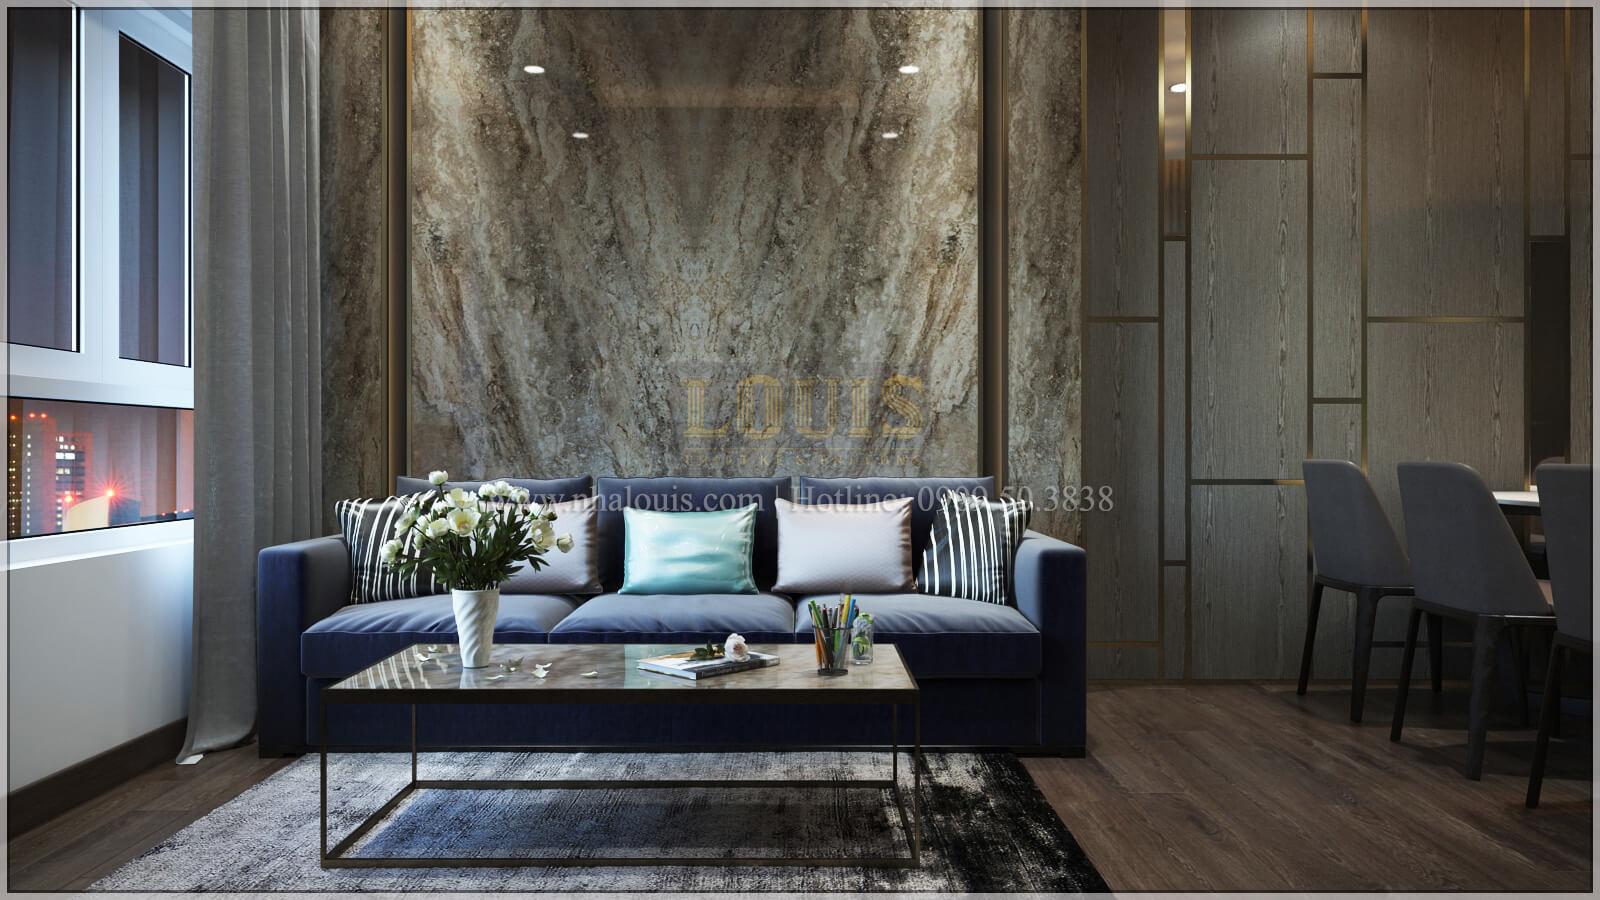 Phòng khách thiết kế căn hộ the park residence với nội thất sang trọng tại quận 7